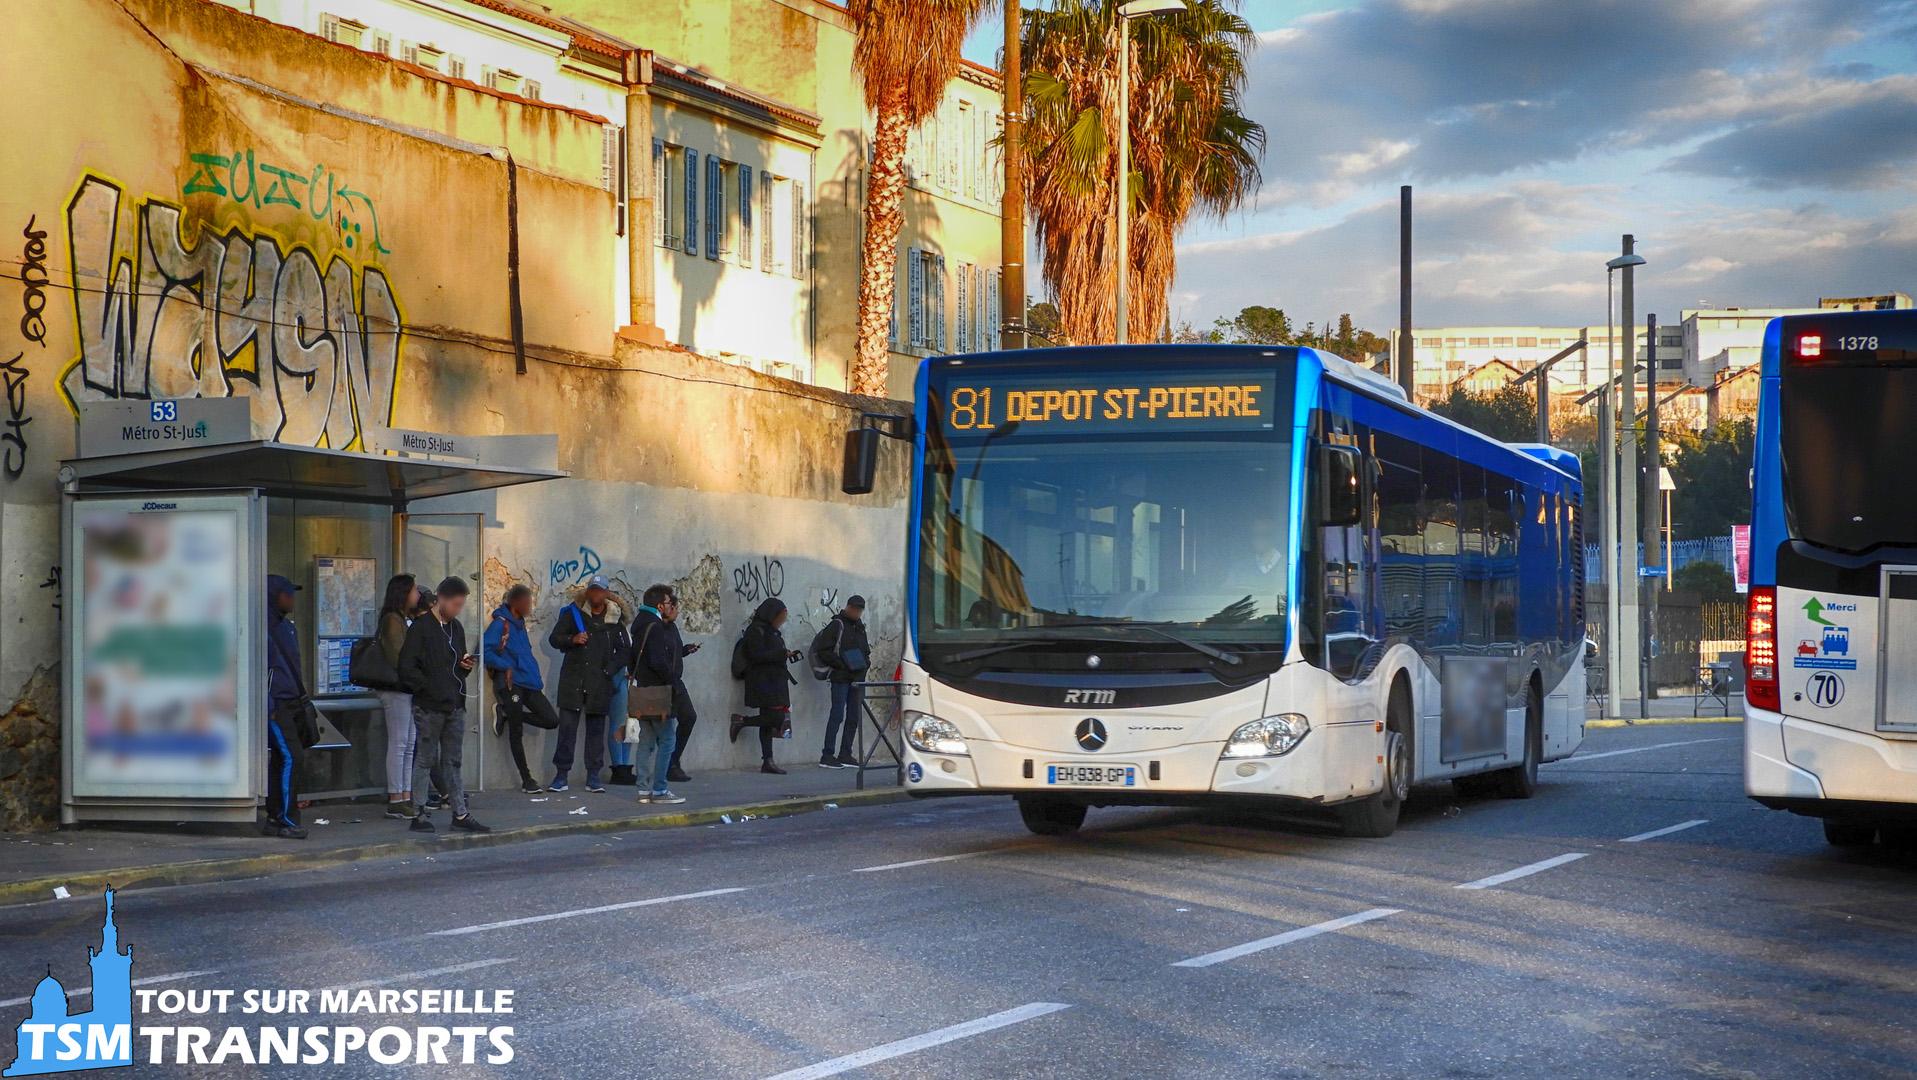 Mercedes Benz Citaro 2 Euro 6 RTM n°1373 quitte son terminus pour prendre la direction du dépôt